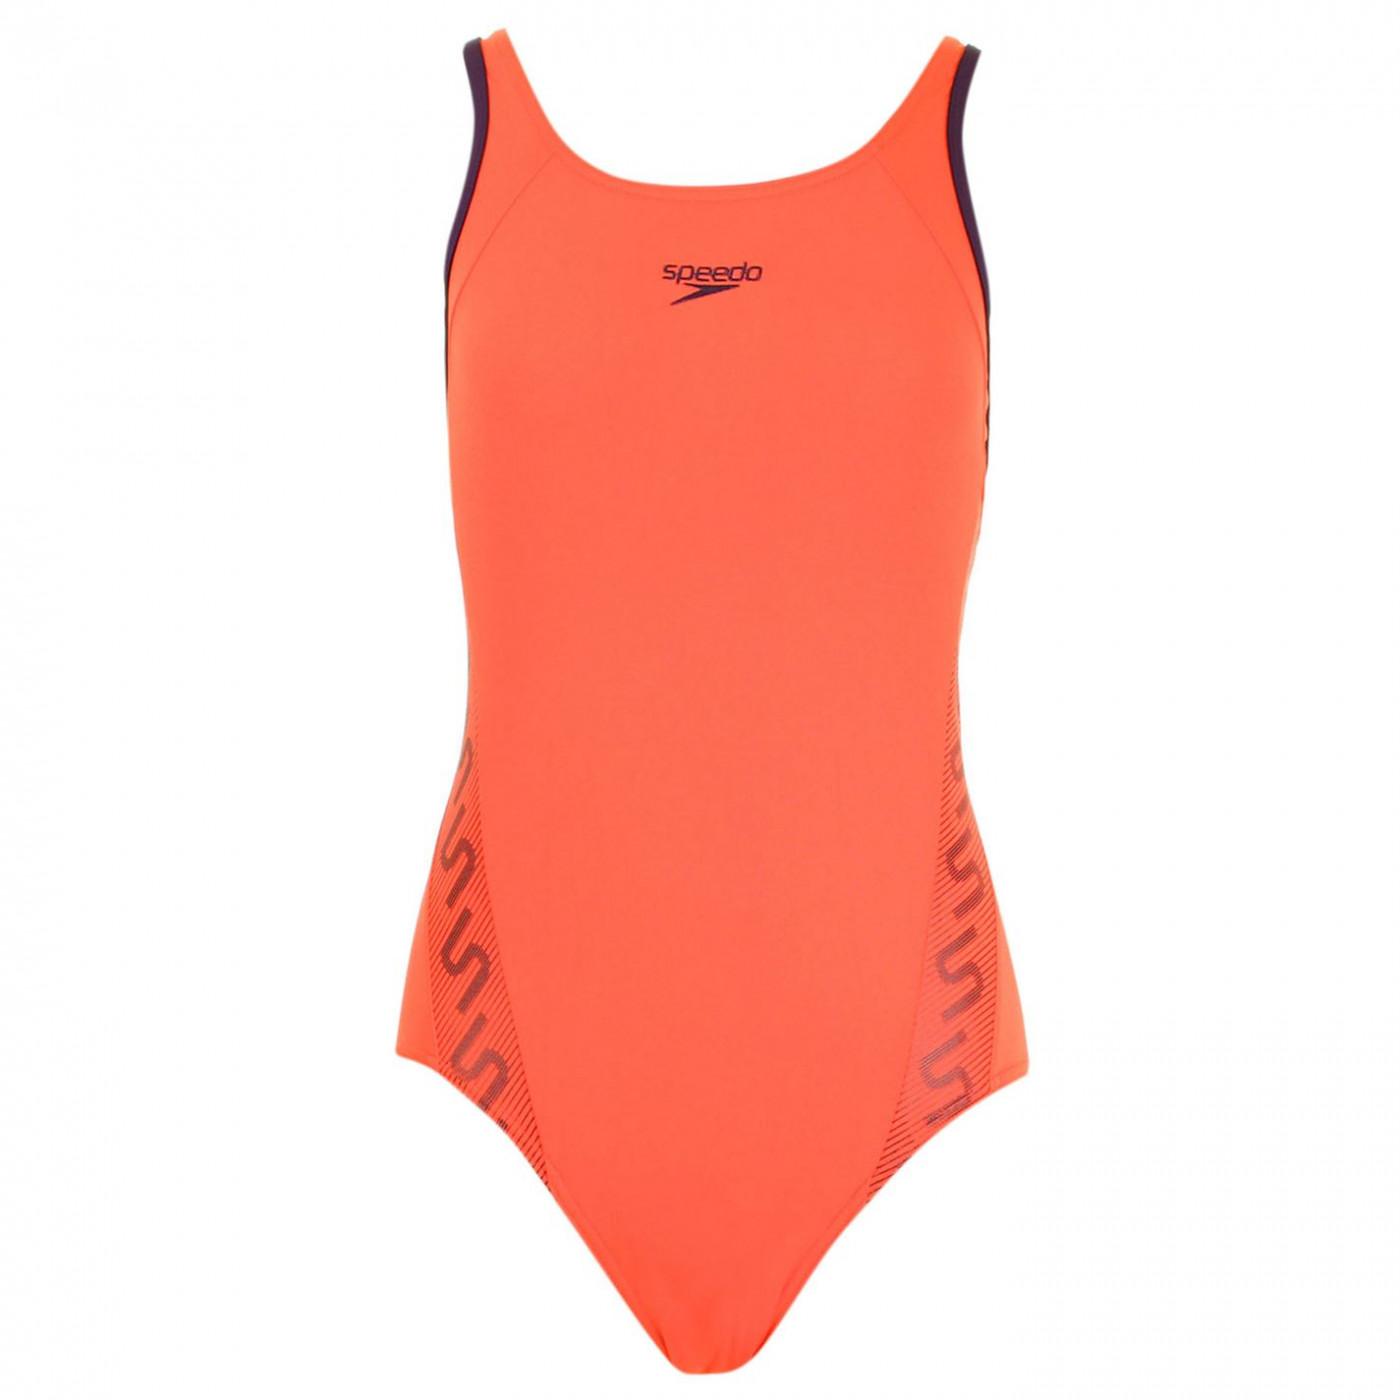 Speedo Swimsuit Ladies